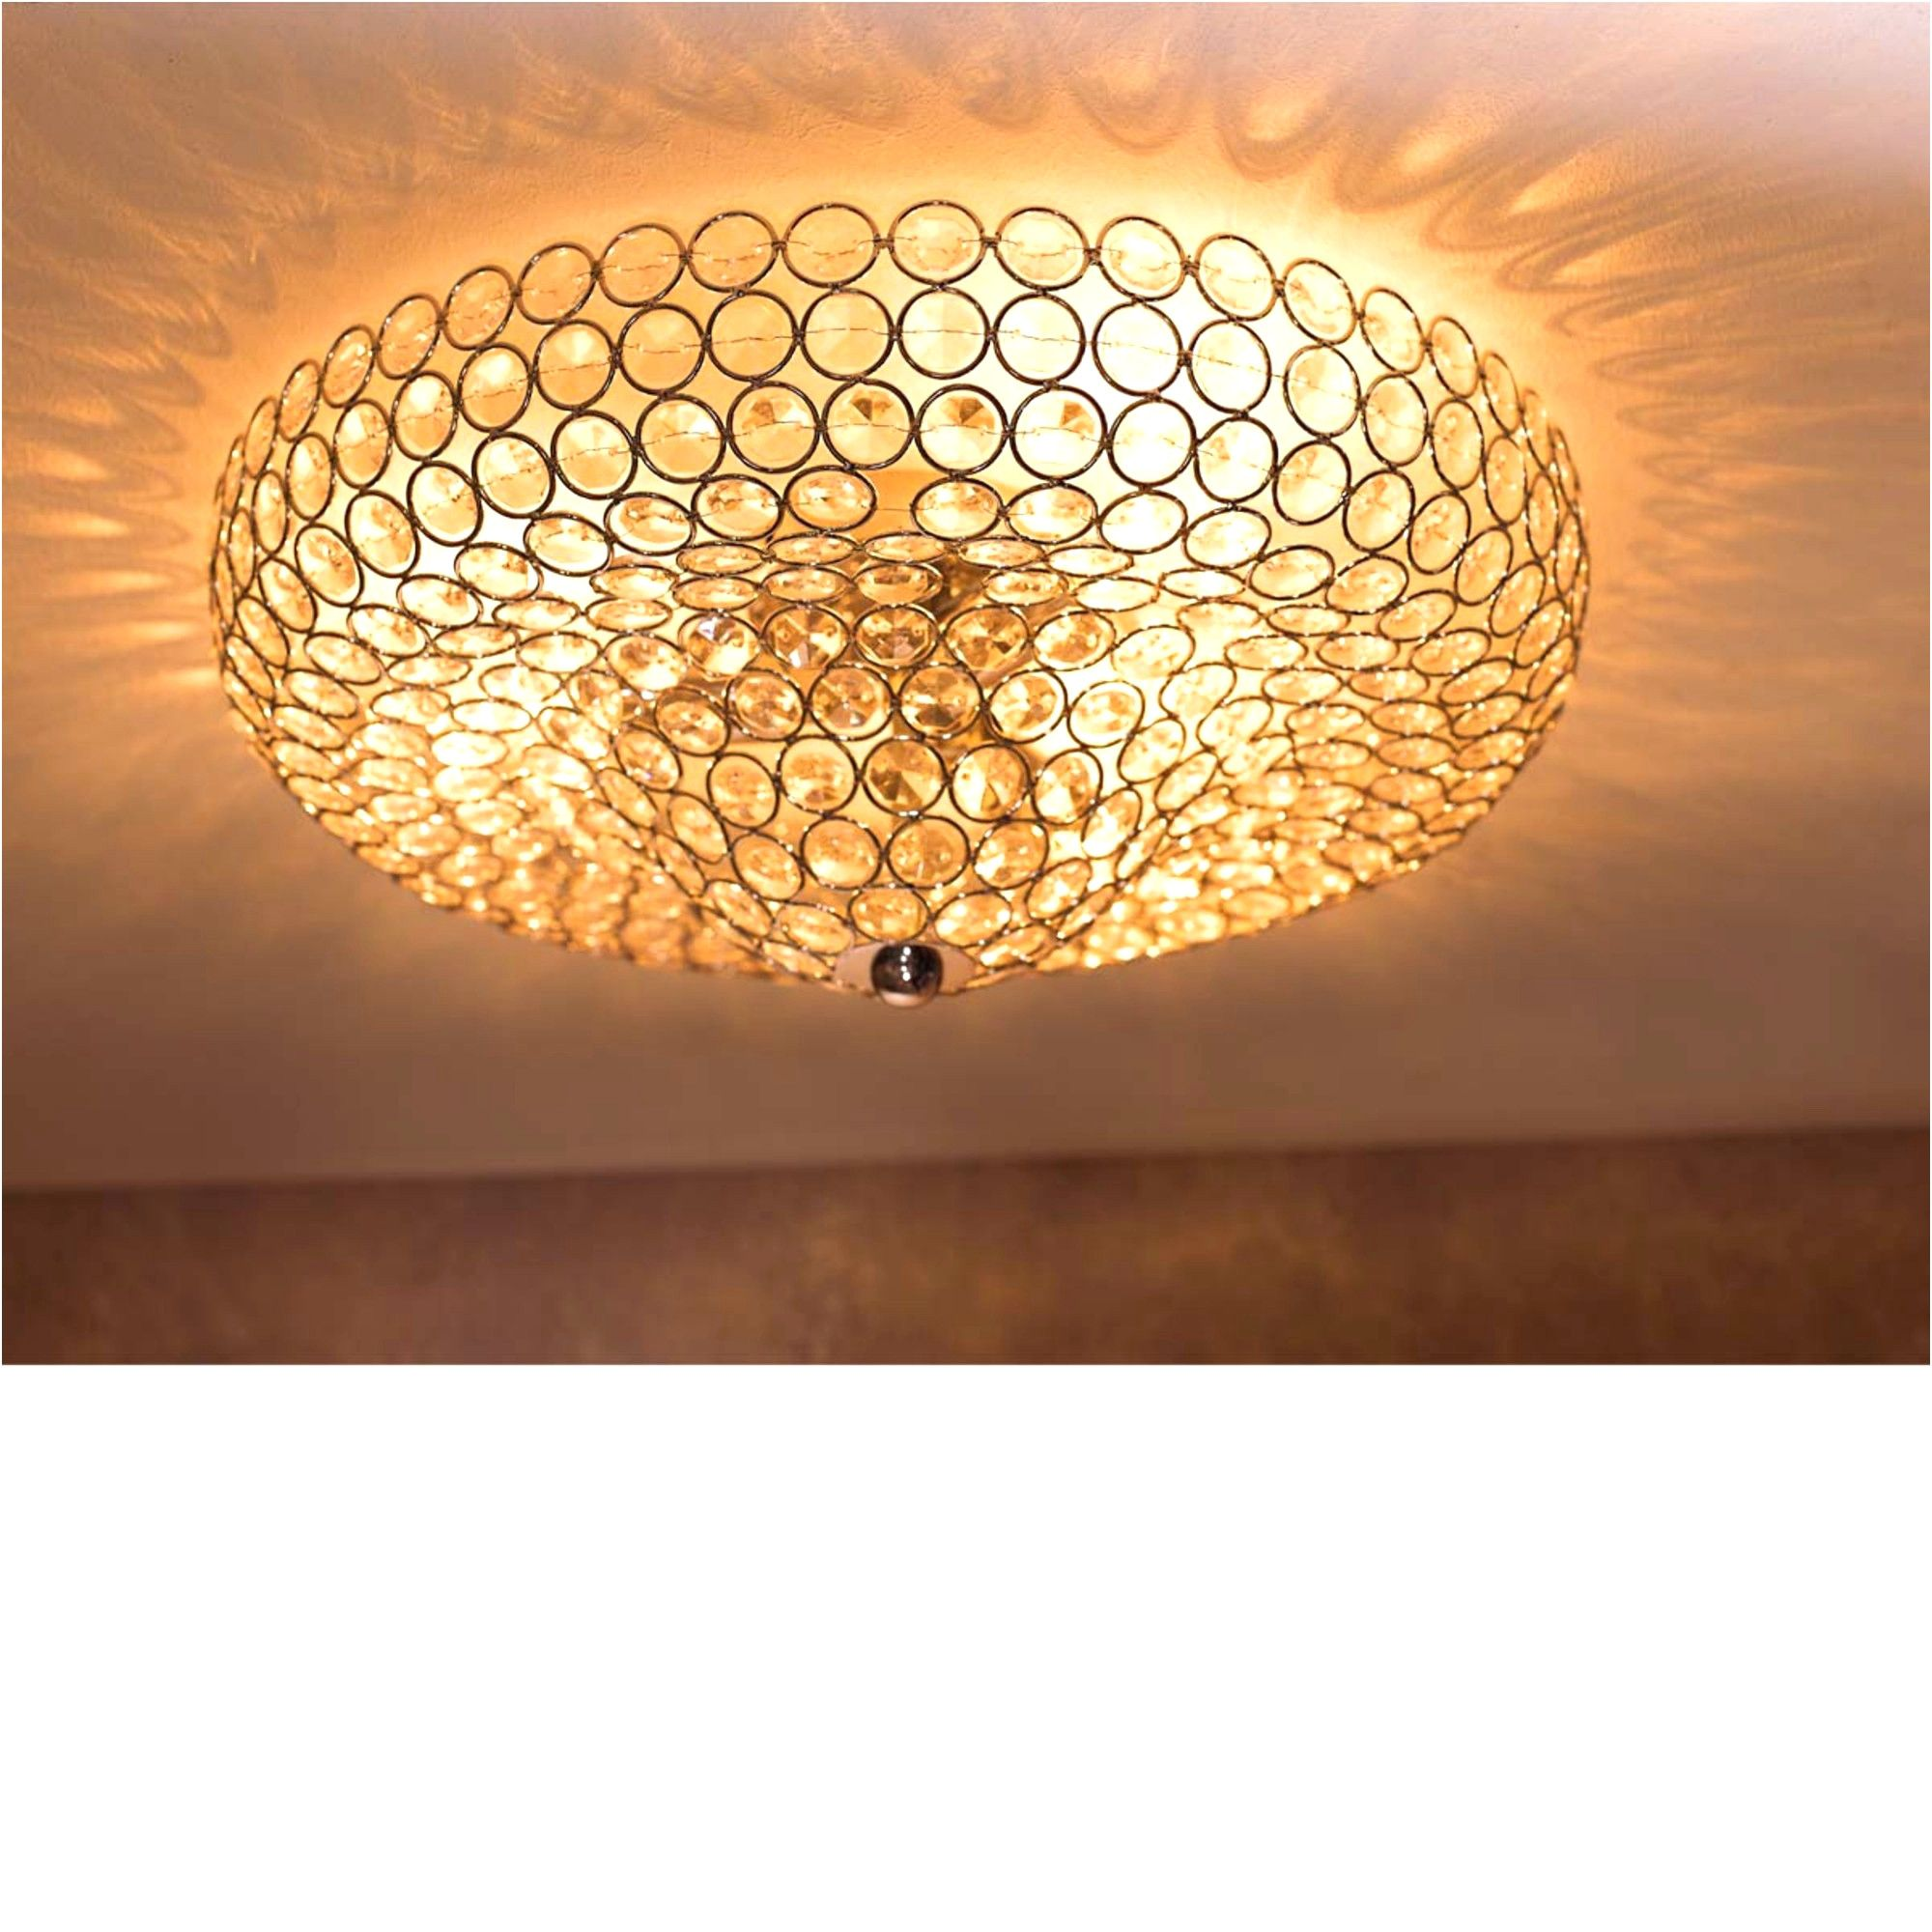 Designer Deckenleuchten Outlet Mit Gallery Of Wohnzimmerlampen Ideen 25 Stilvolle Modelle 21 Und Sch N Deckenleuchte Wohnzimmer Wohnzimmerlampe Deckenleuchten